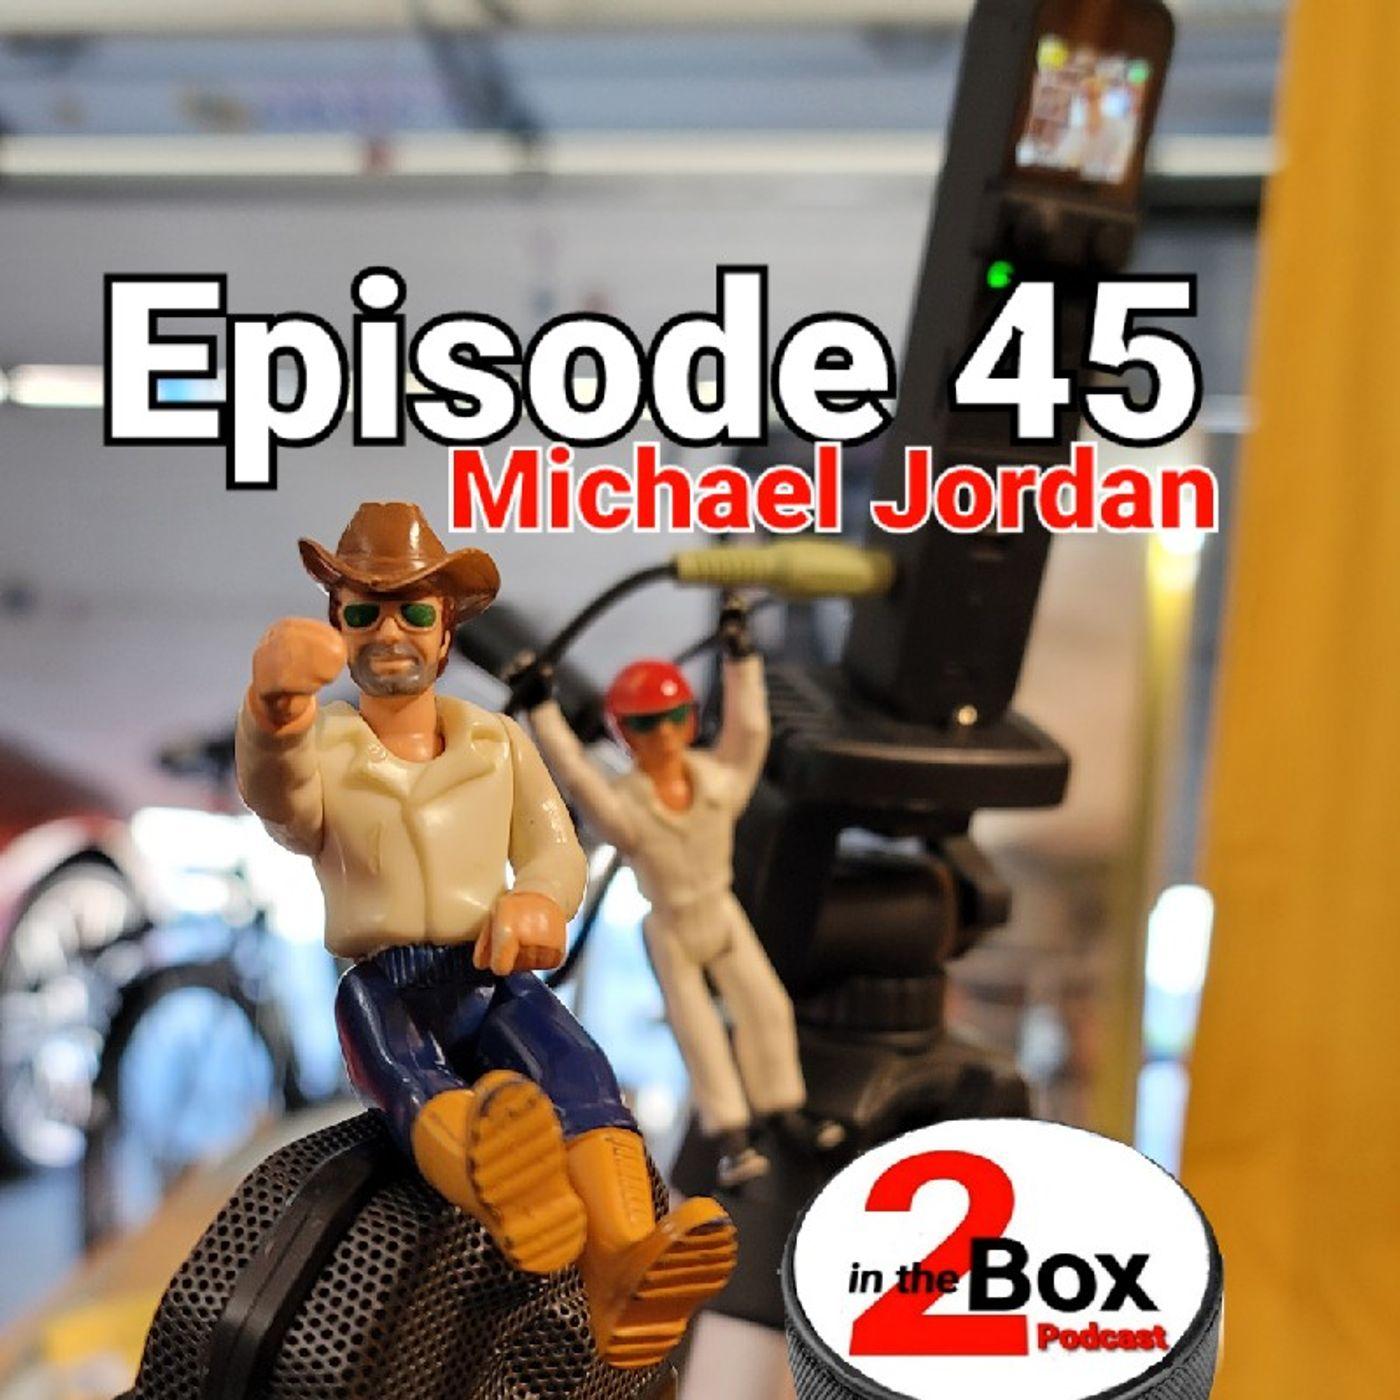 Episode 45 - Michael Jordan